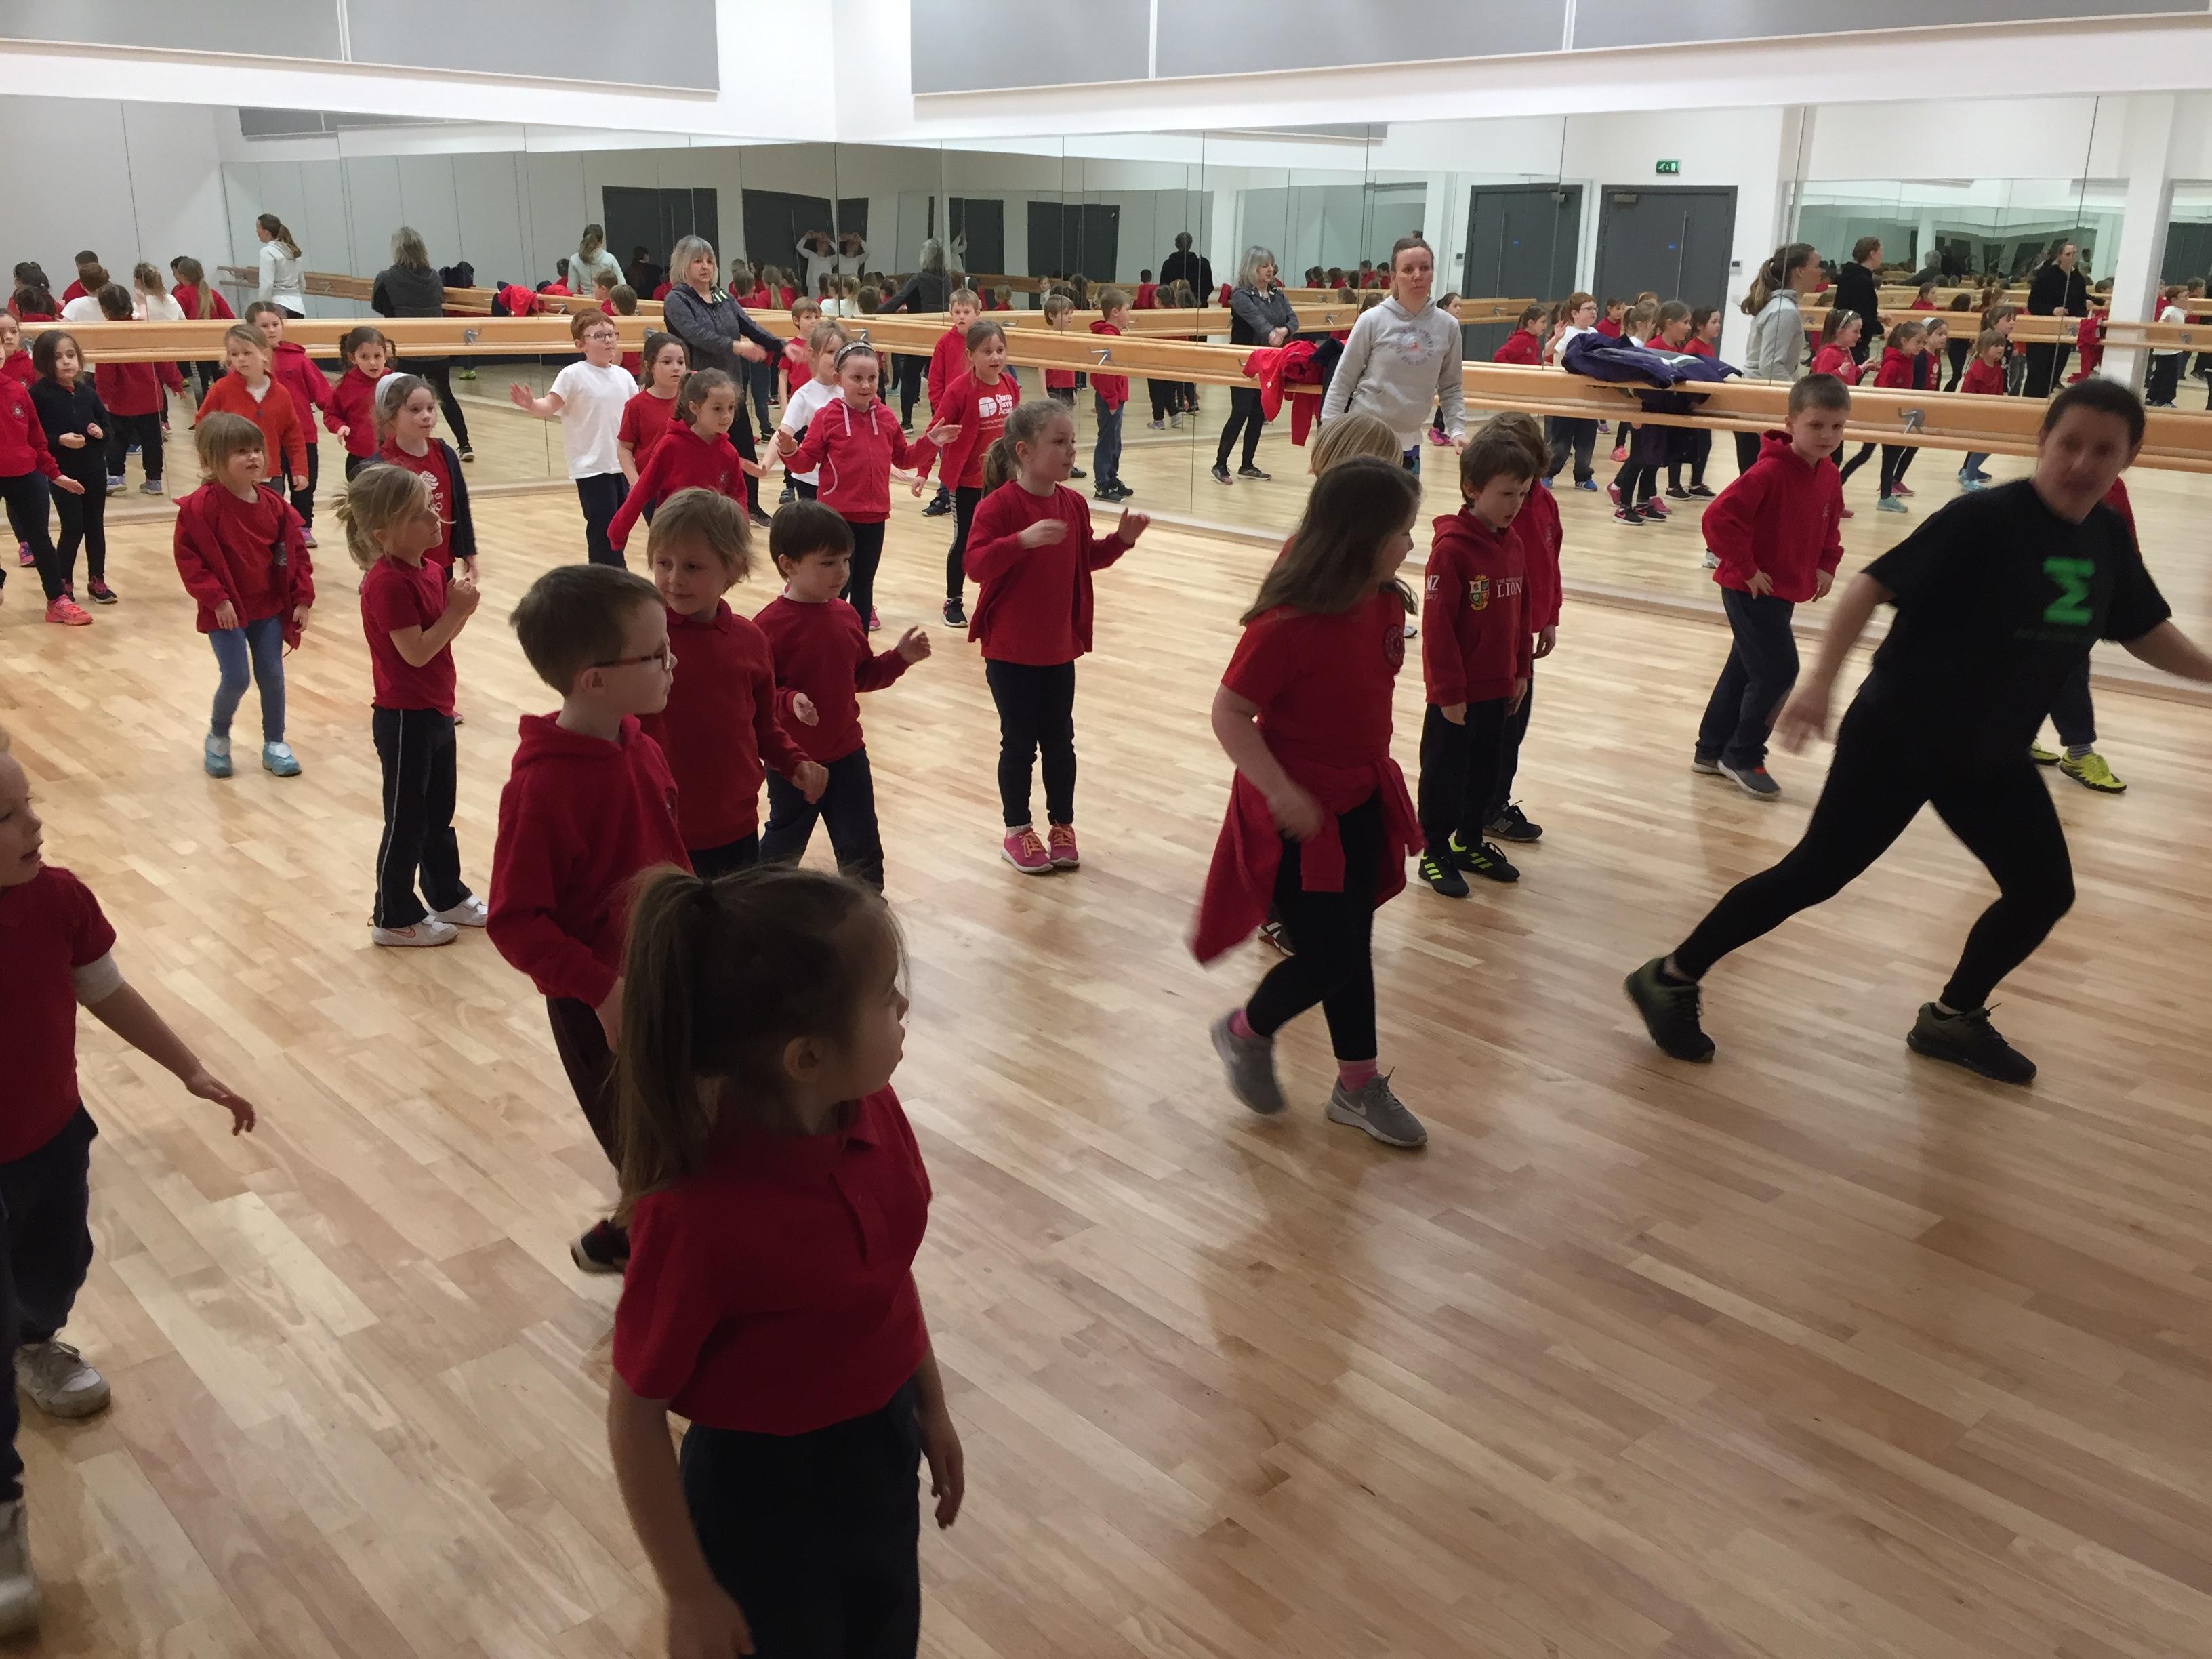 Dancing at Atlantic College